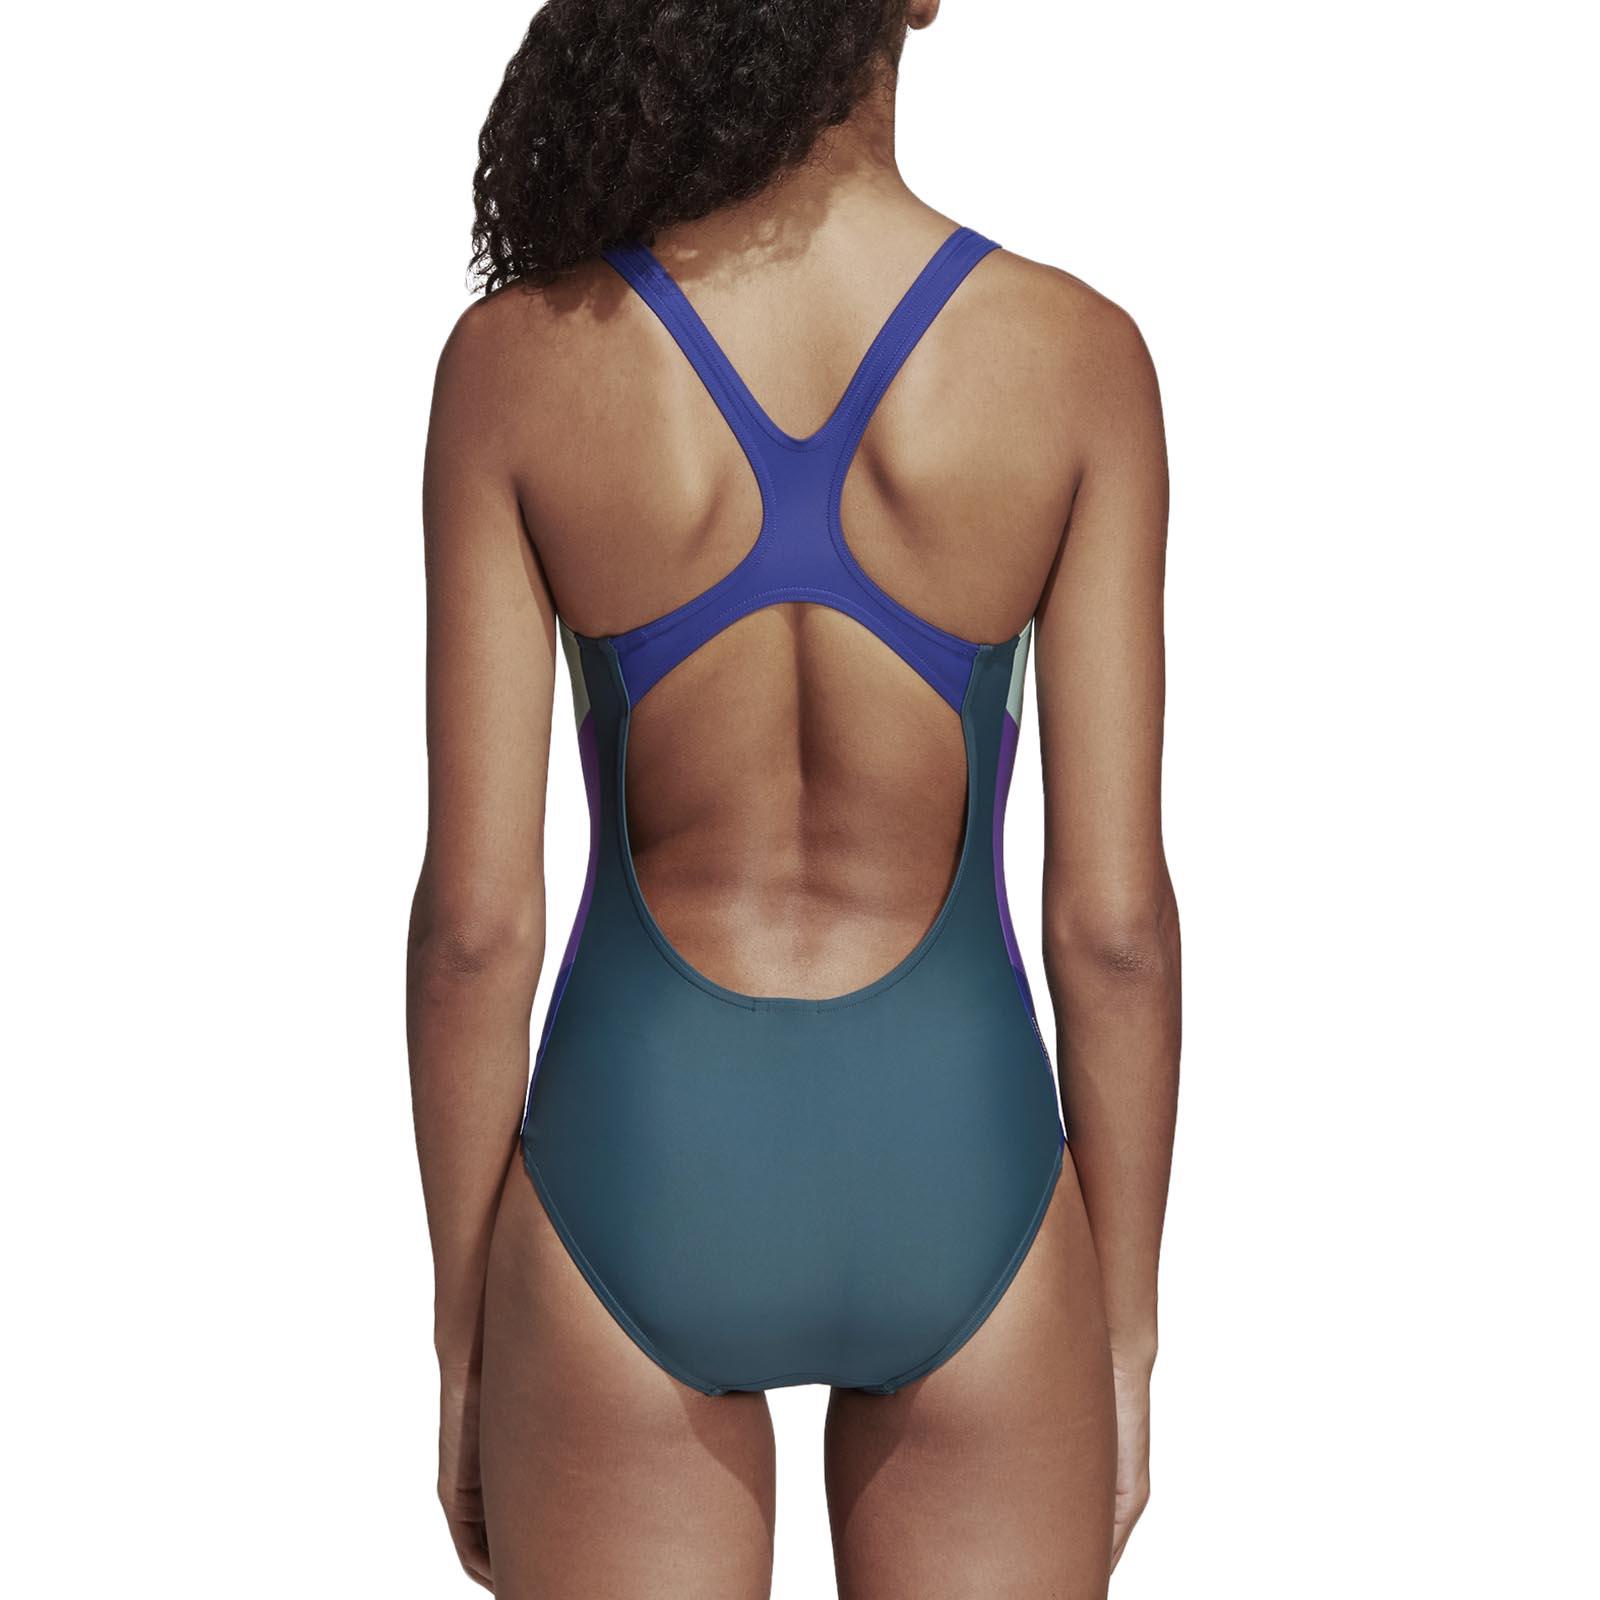 adidas swimming costume womens